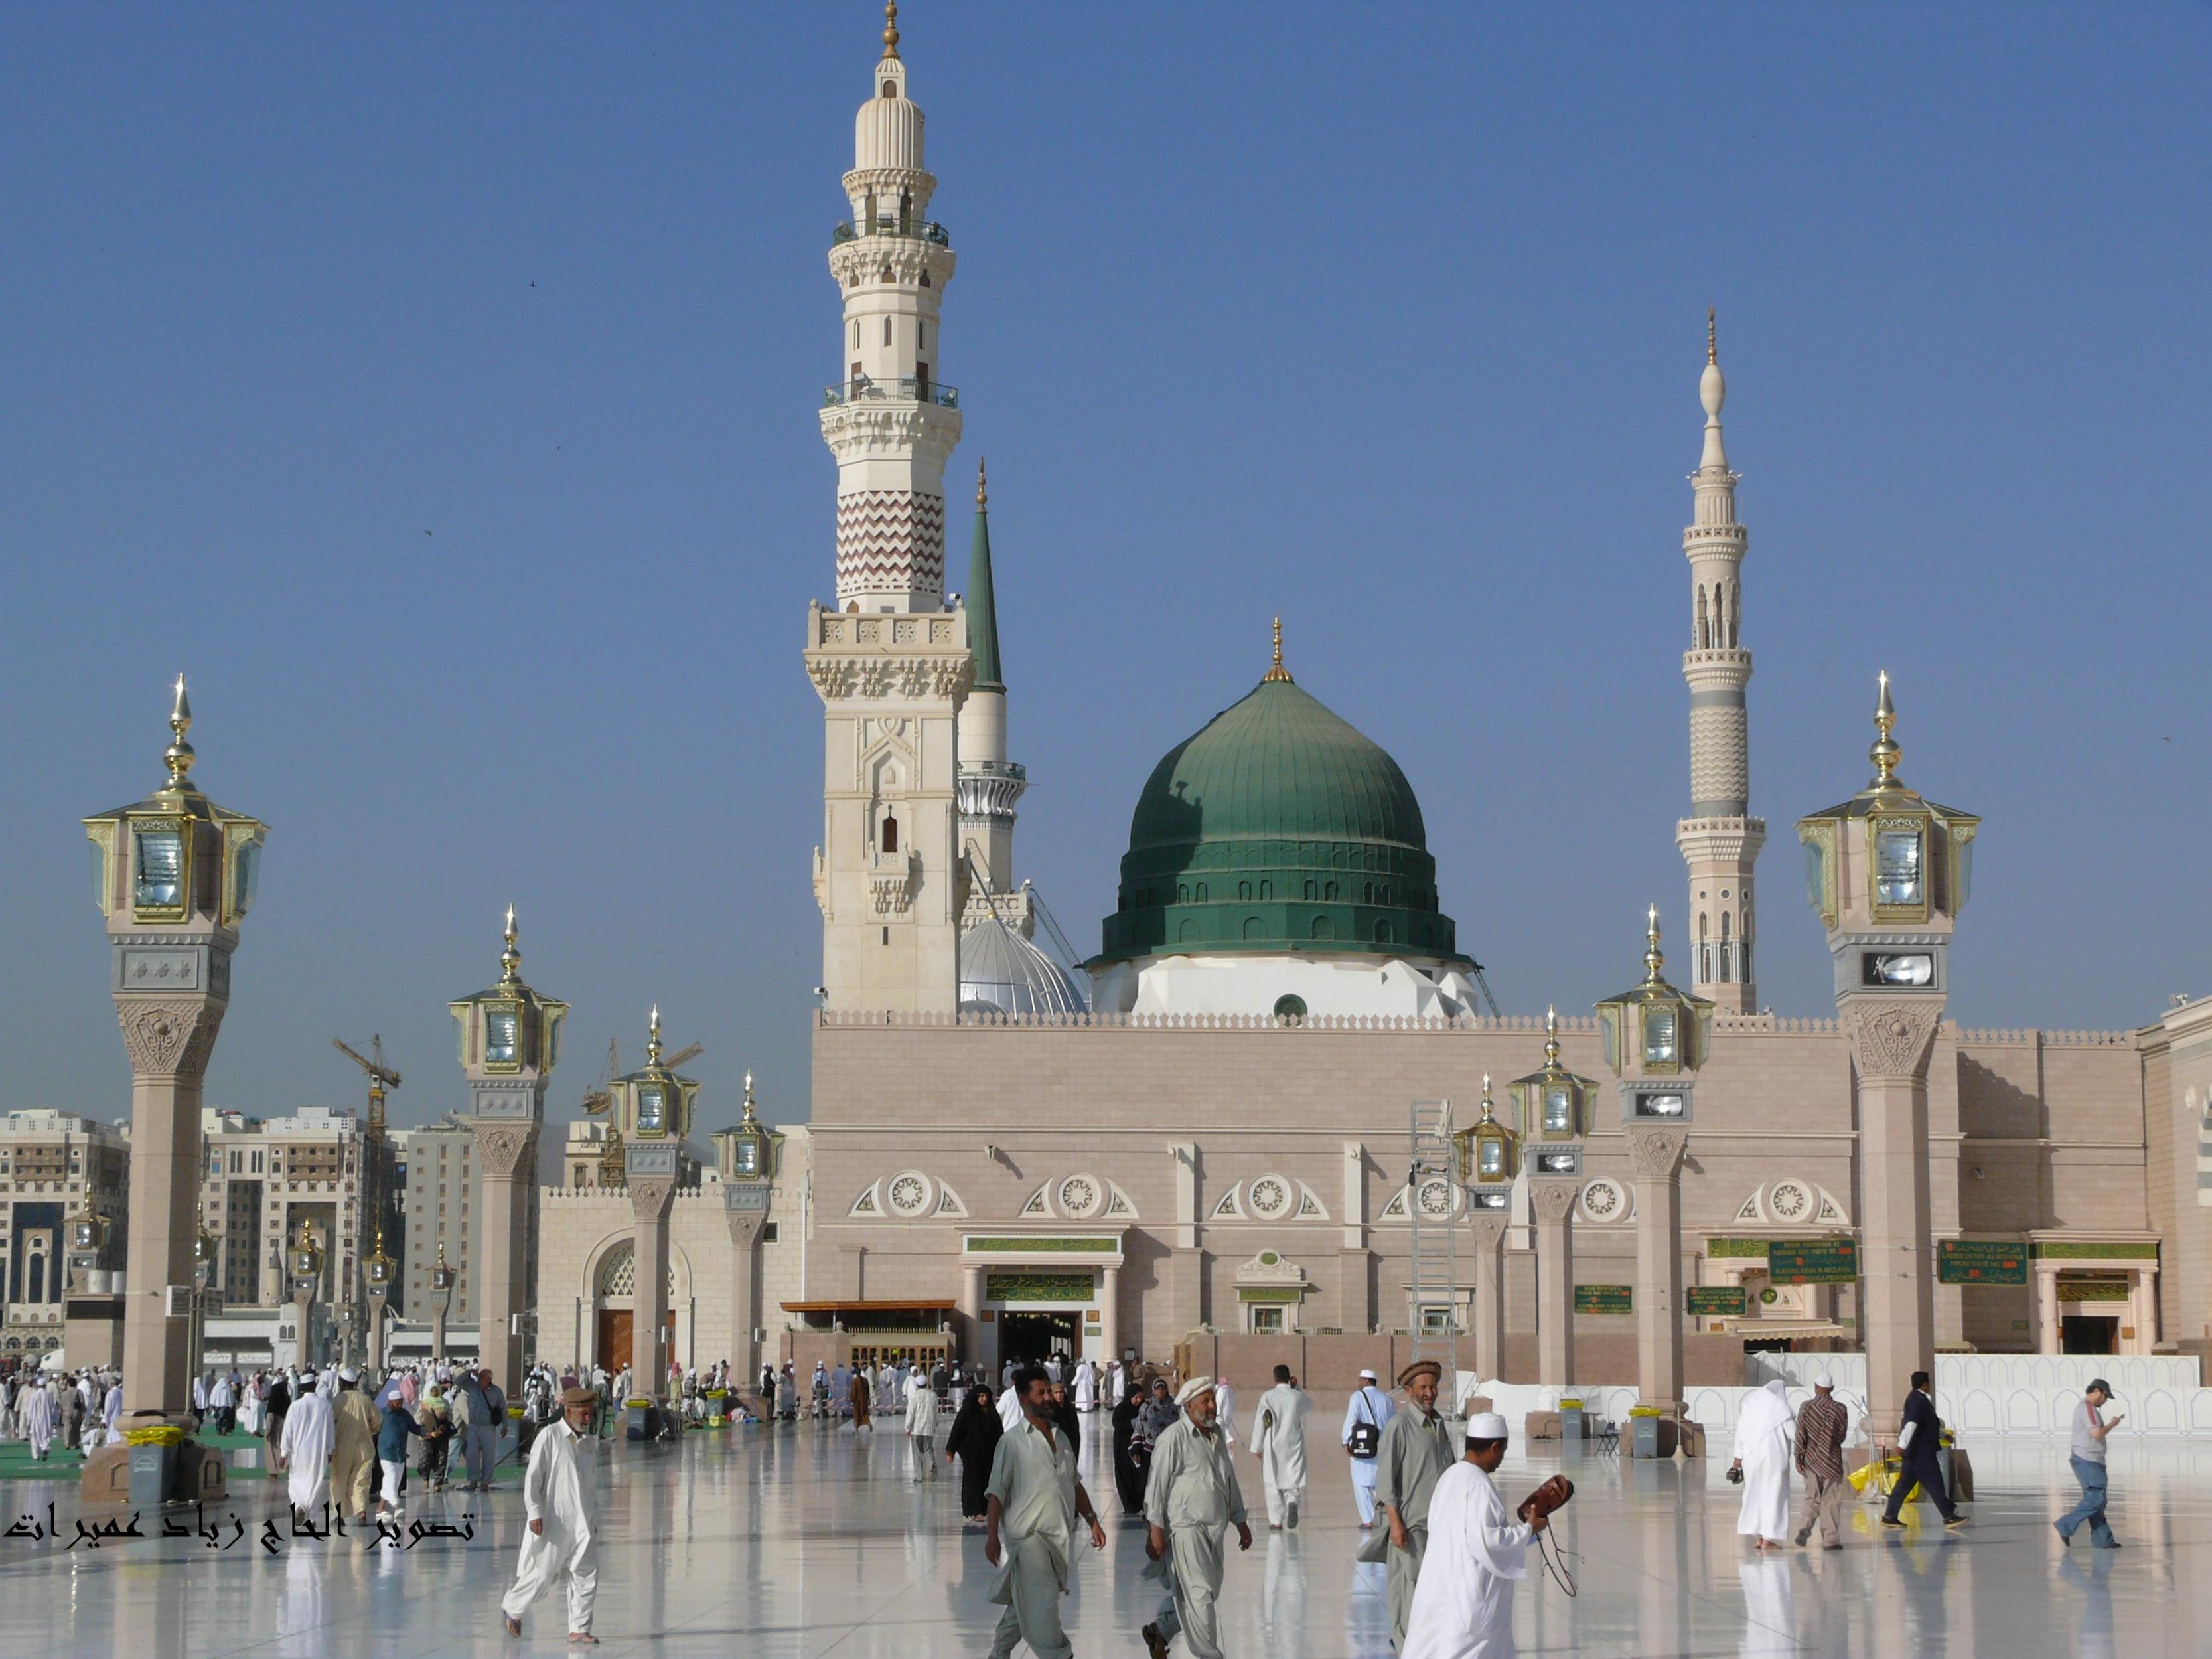 صور المسجد النبوي الشريف 4263-3